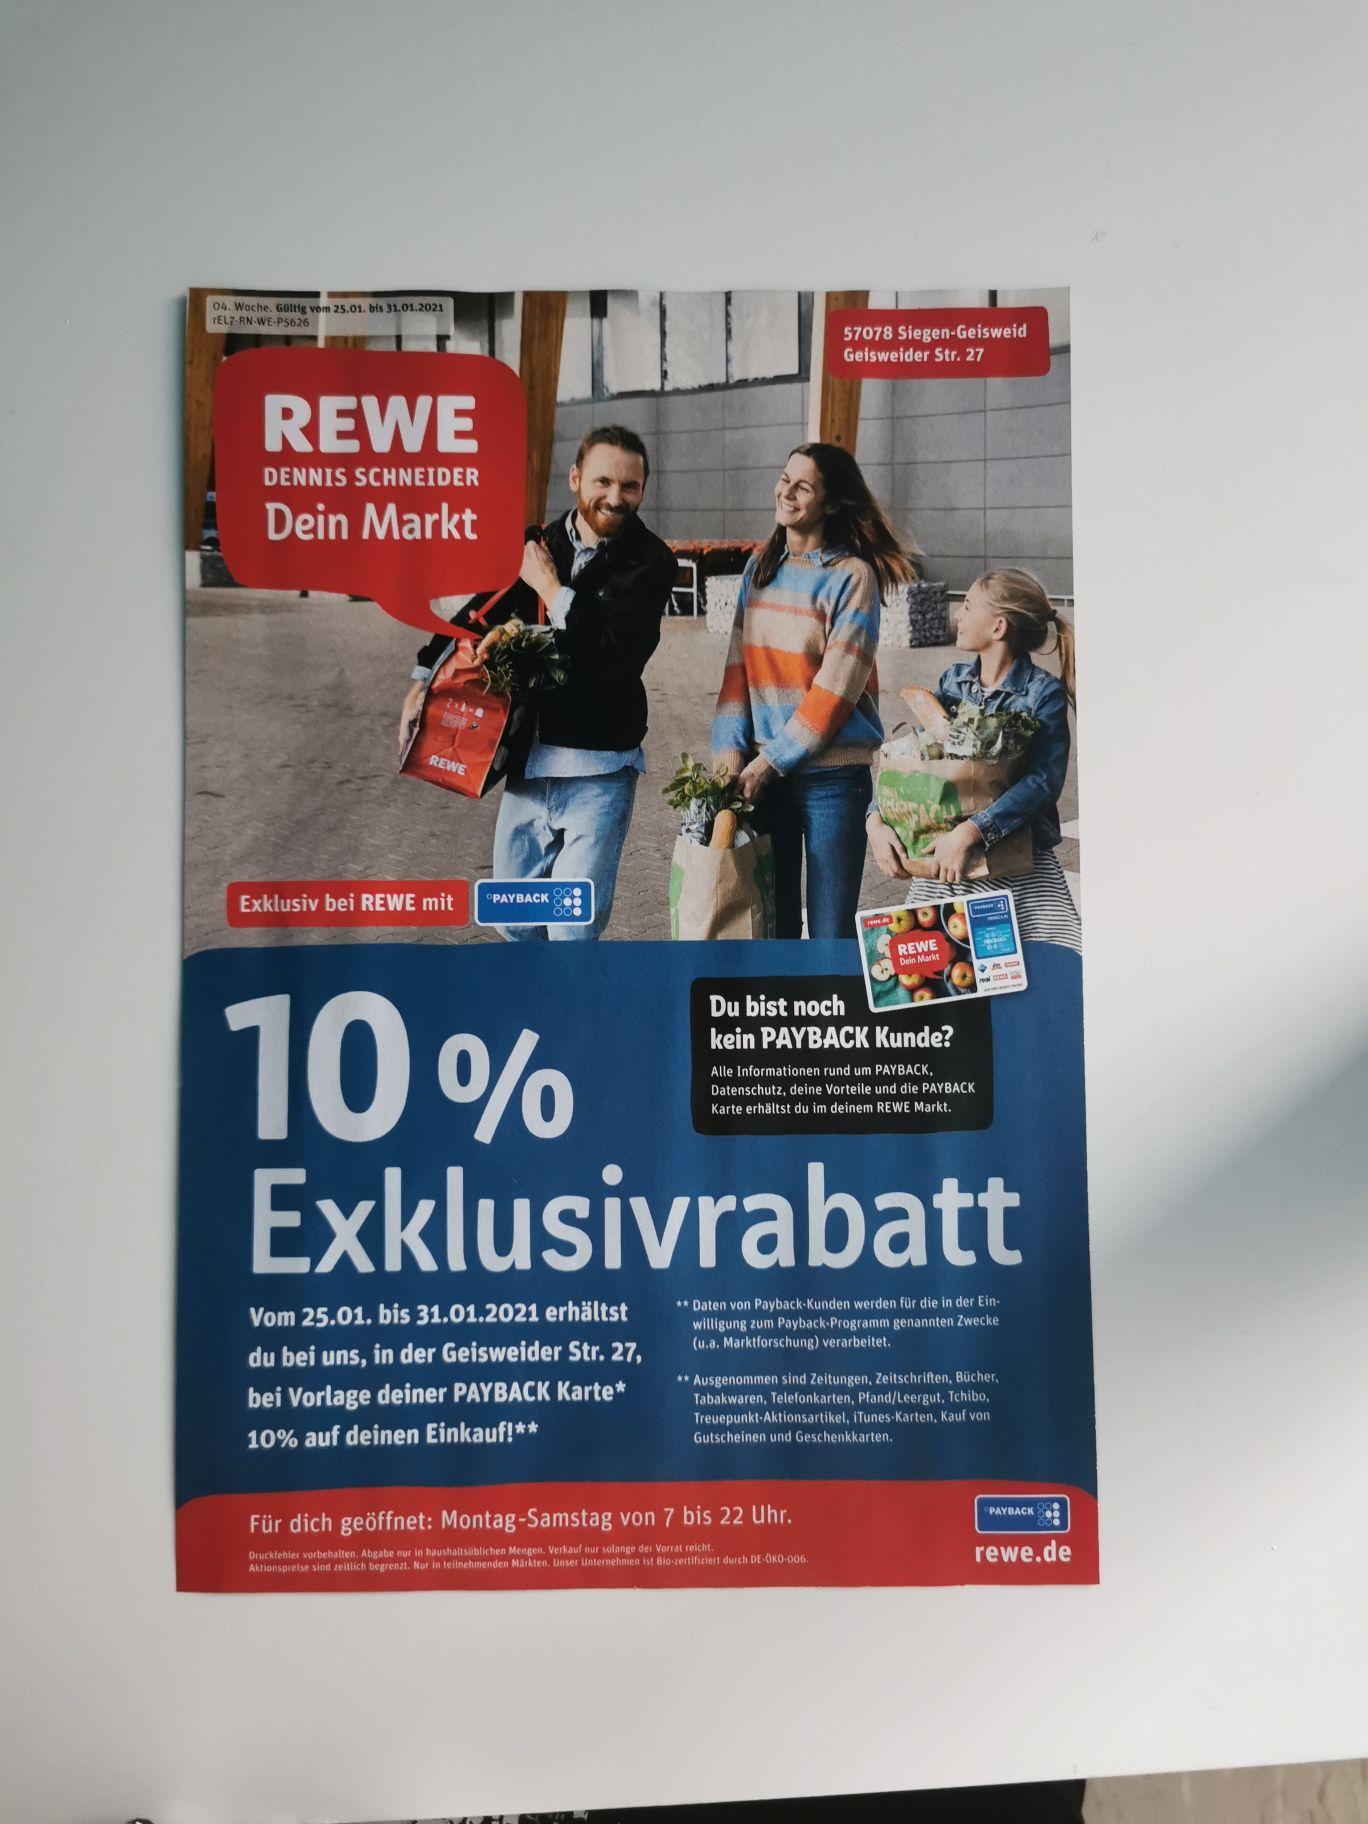 (Lokal Rewe Siegen Geisweid) 10% Rabatt auf den Einkauf bei Vorlage der Payback Karte